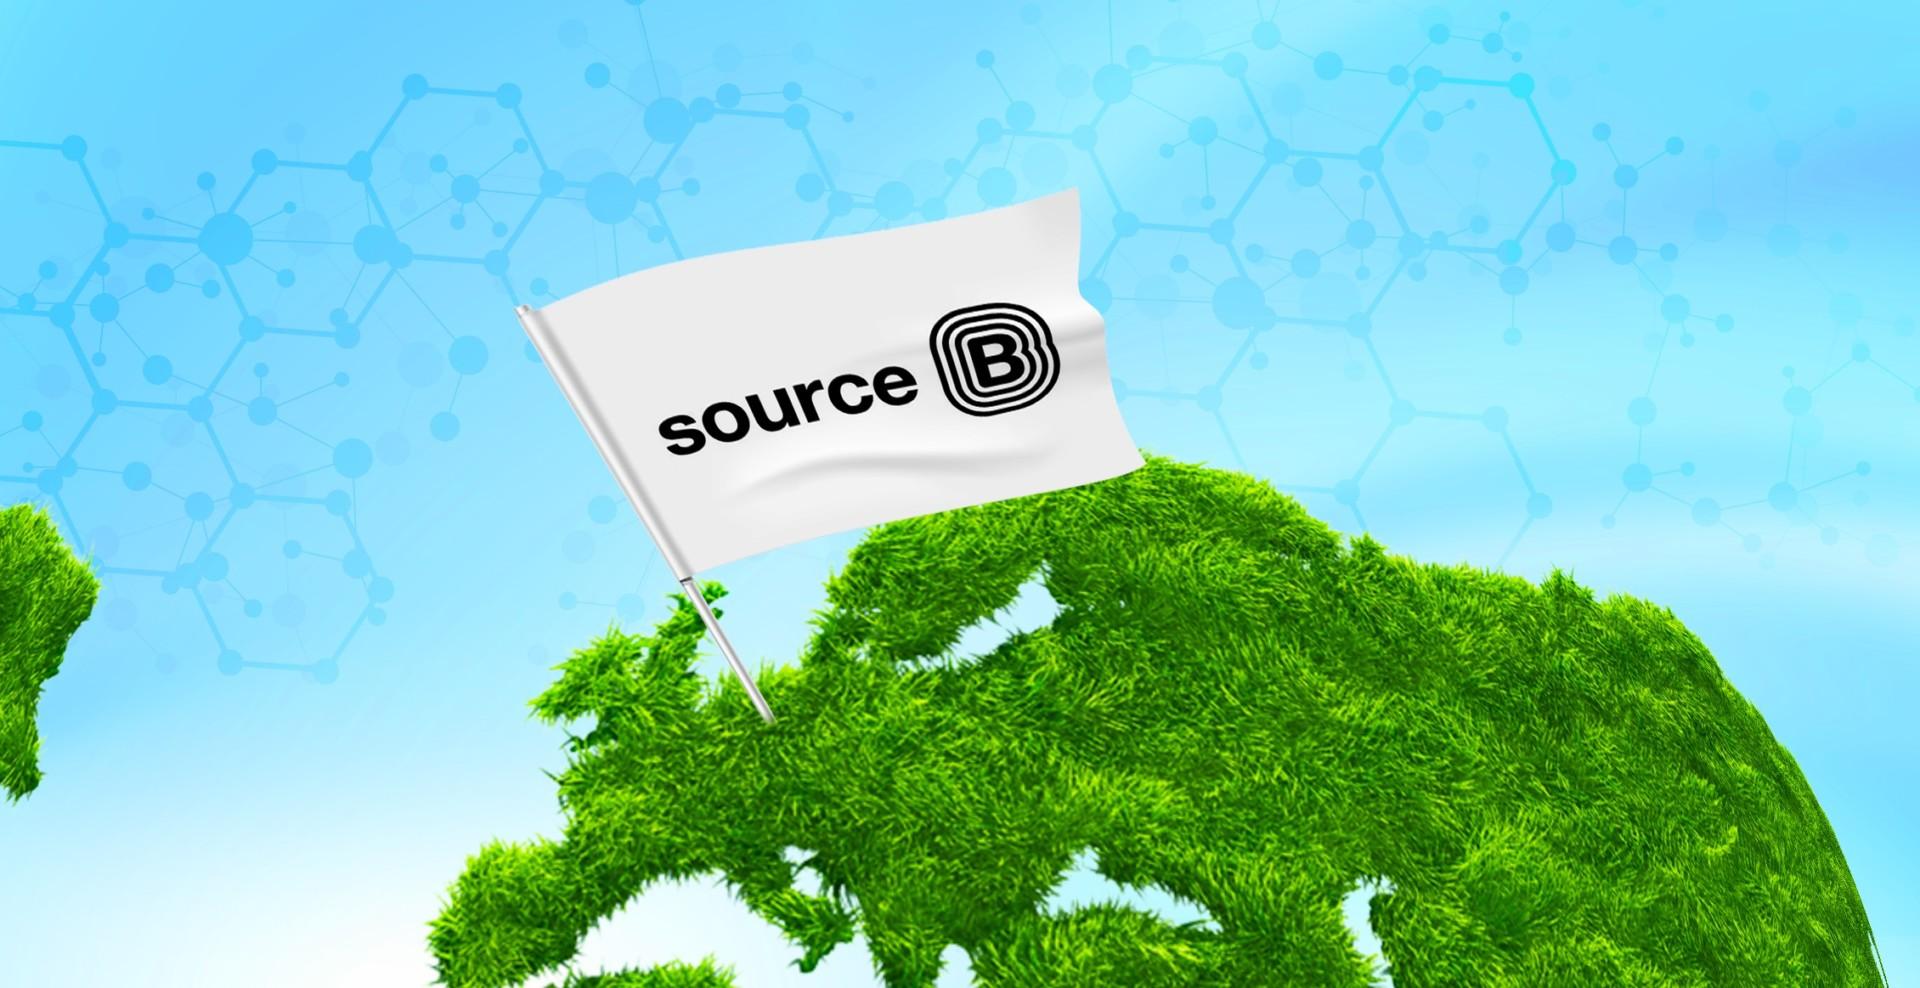 Source B naar de volgende fase?